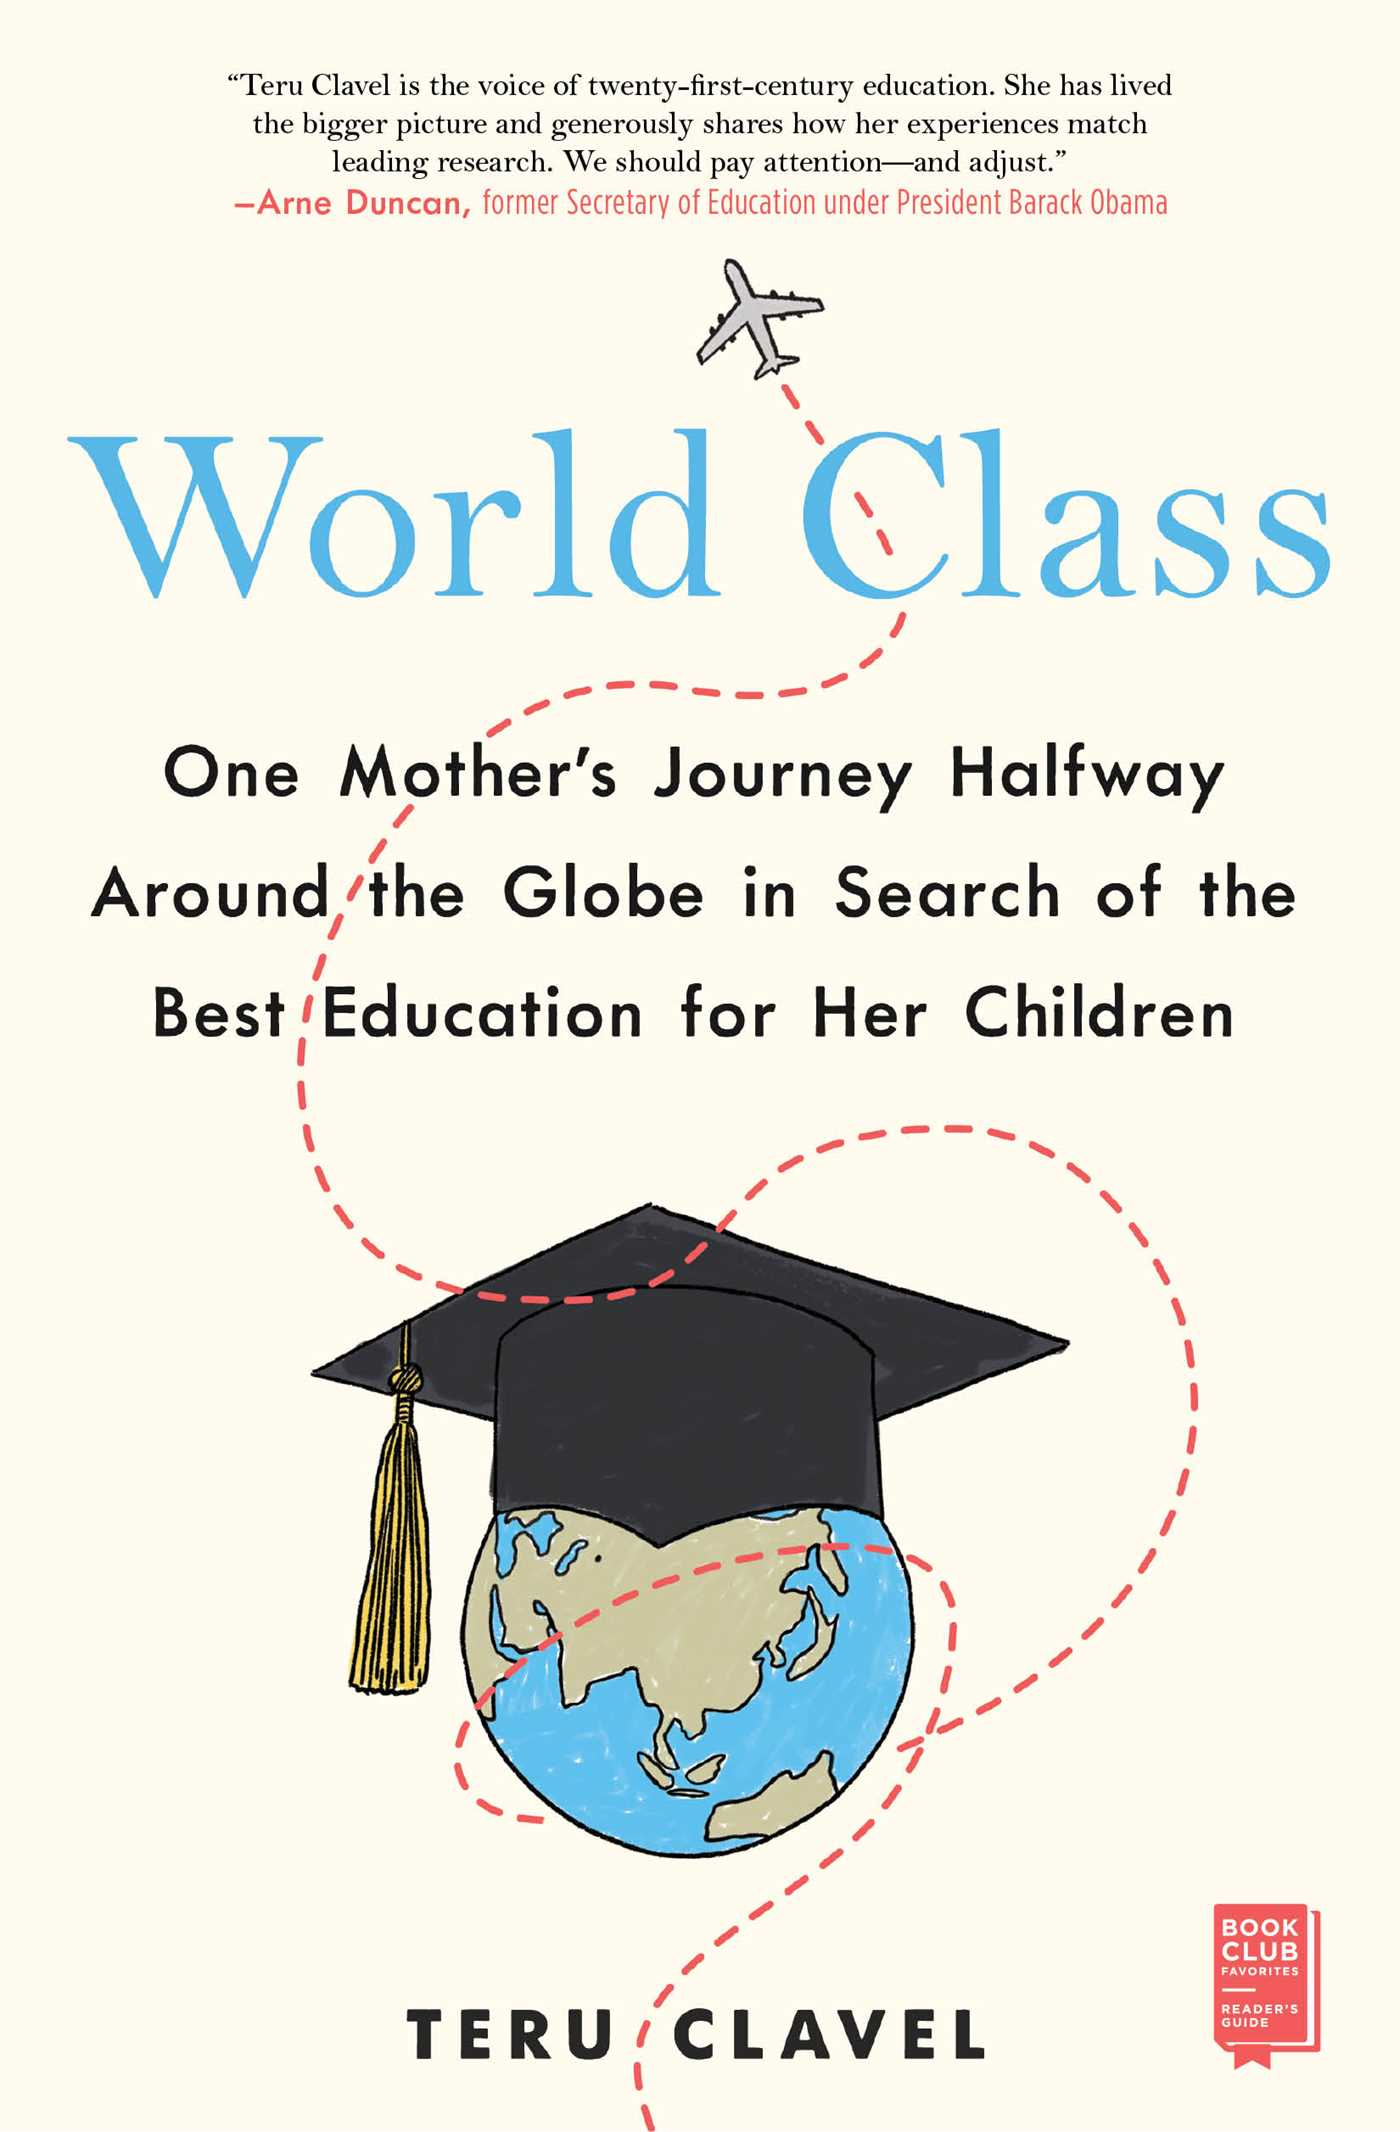 World Class - Simon & Schuster